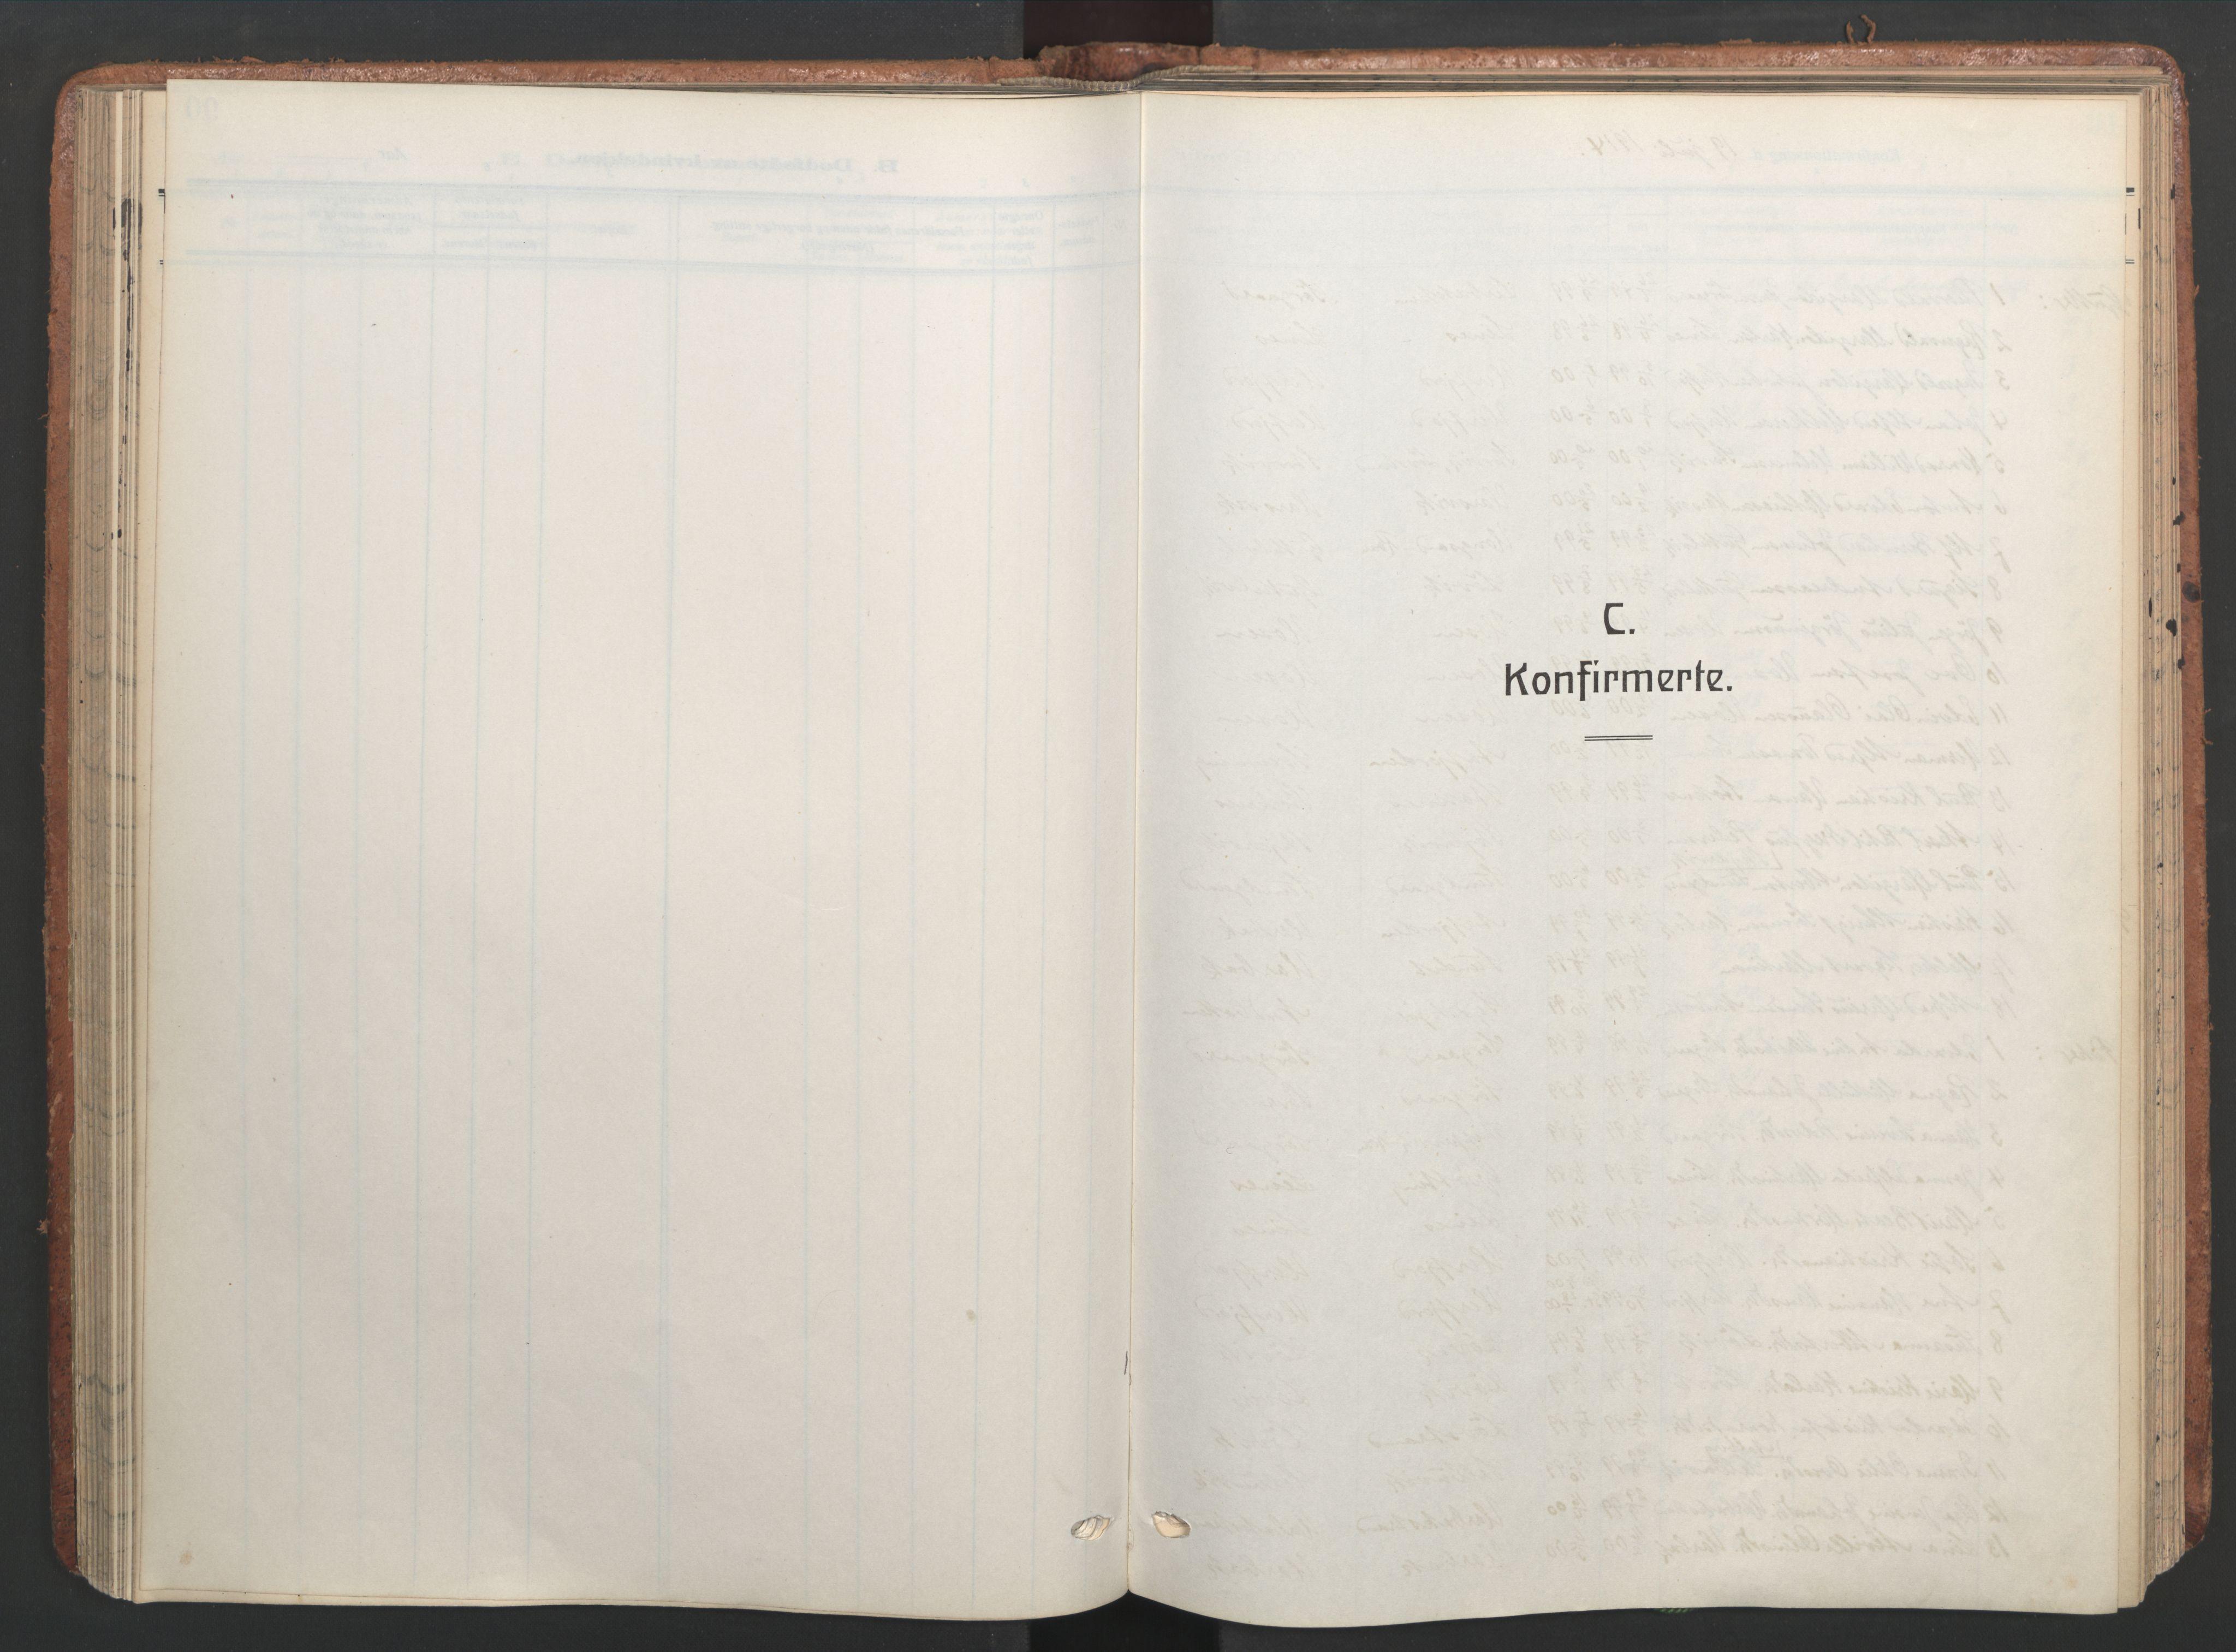 SAT, Ministerialprotokoller, klokkerbøker og fødselsregistre - Sør-Trøndelag, 656/L0694: Ministerialbok nr. 656A03, 1914-1931, s. 84